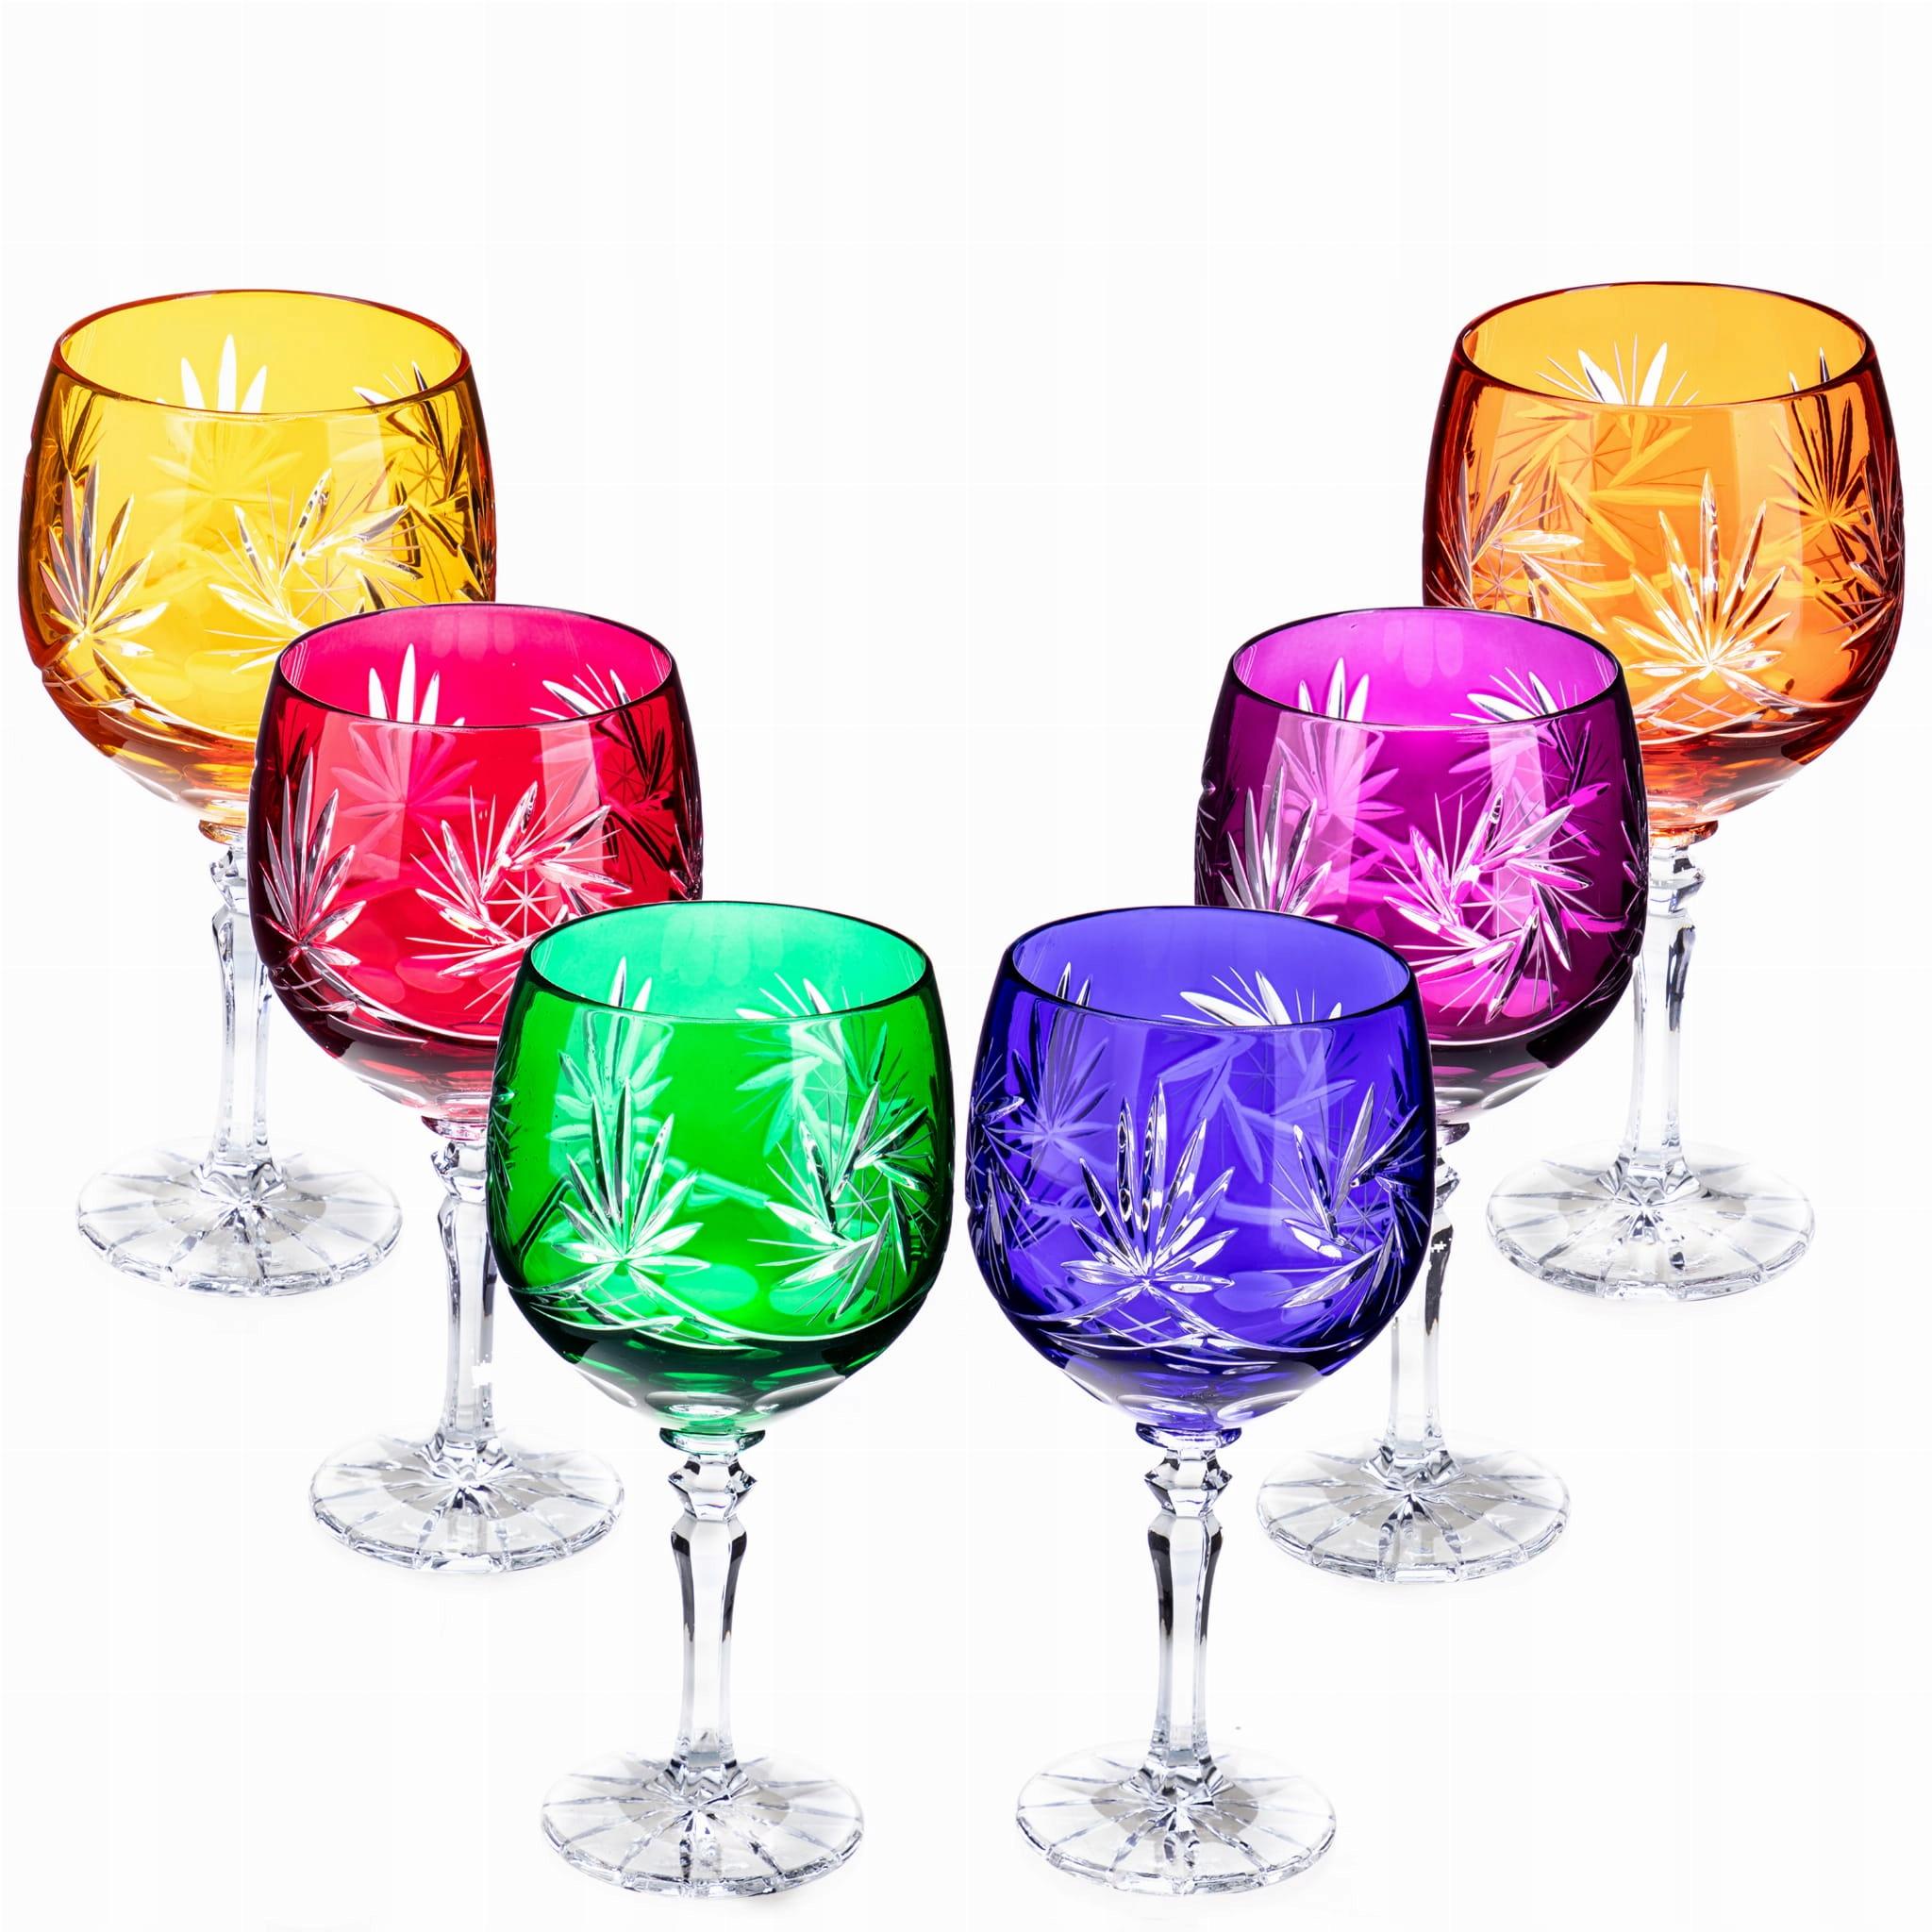 Sada 6 viacfarebných retro krištáľových pohárov